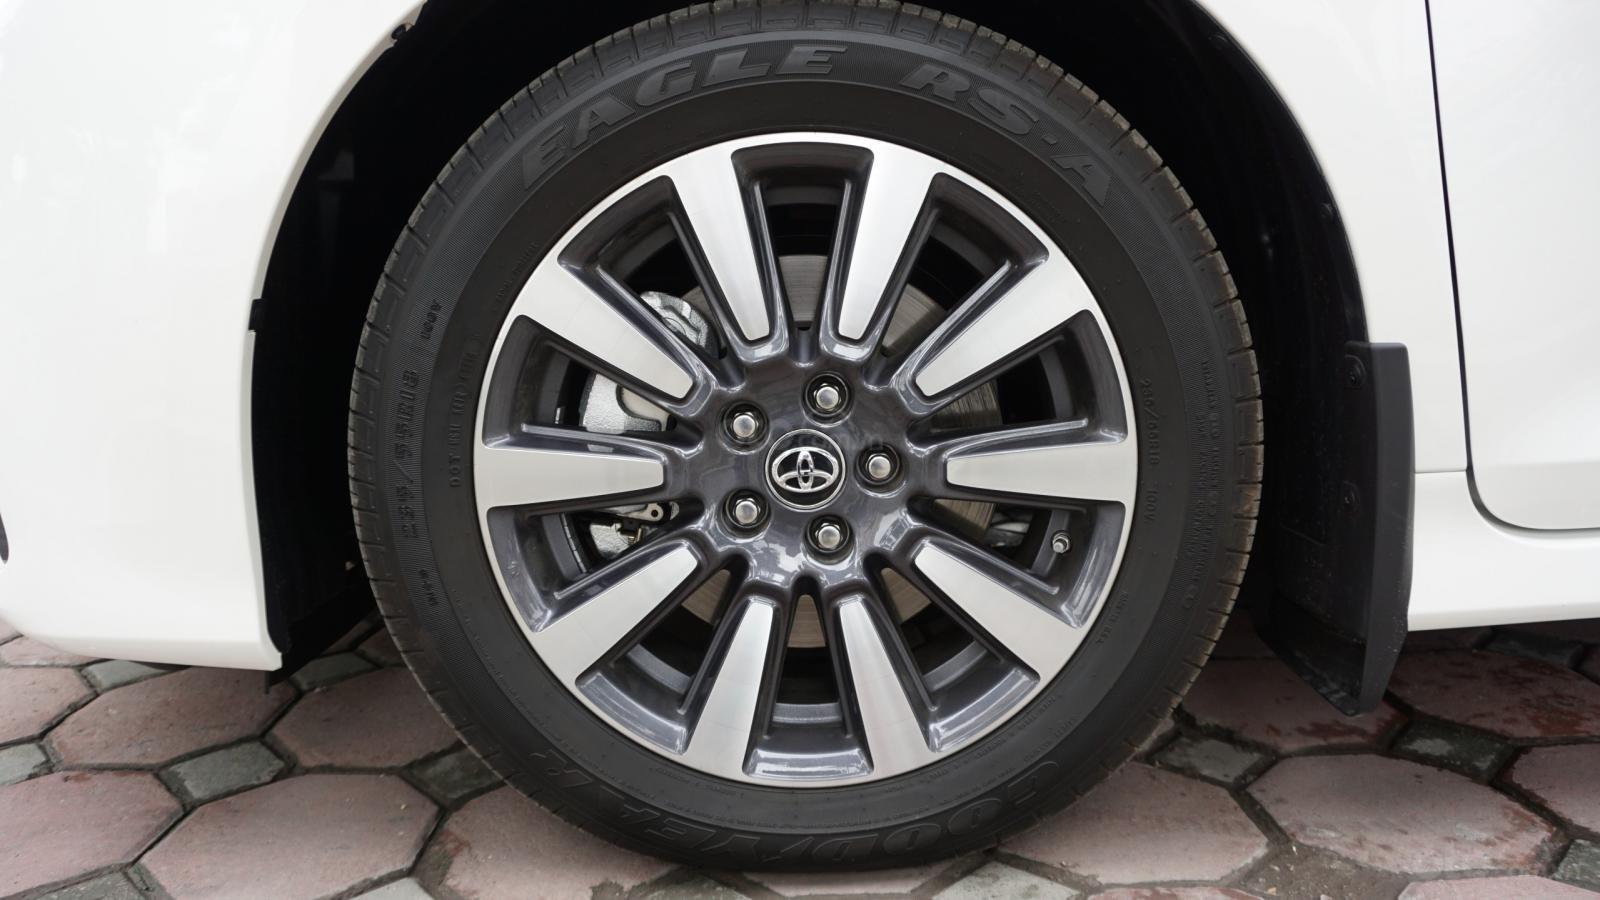 Bán Toyota Sienna Limited 1 cầu 2019, giá tốt, xe giao ngay trong ngày, LH Ms Hương 094.539.2468 (3)